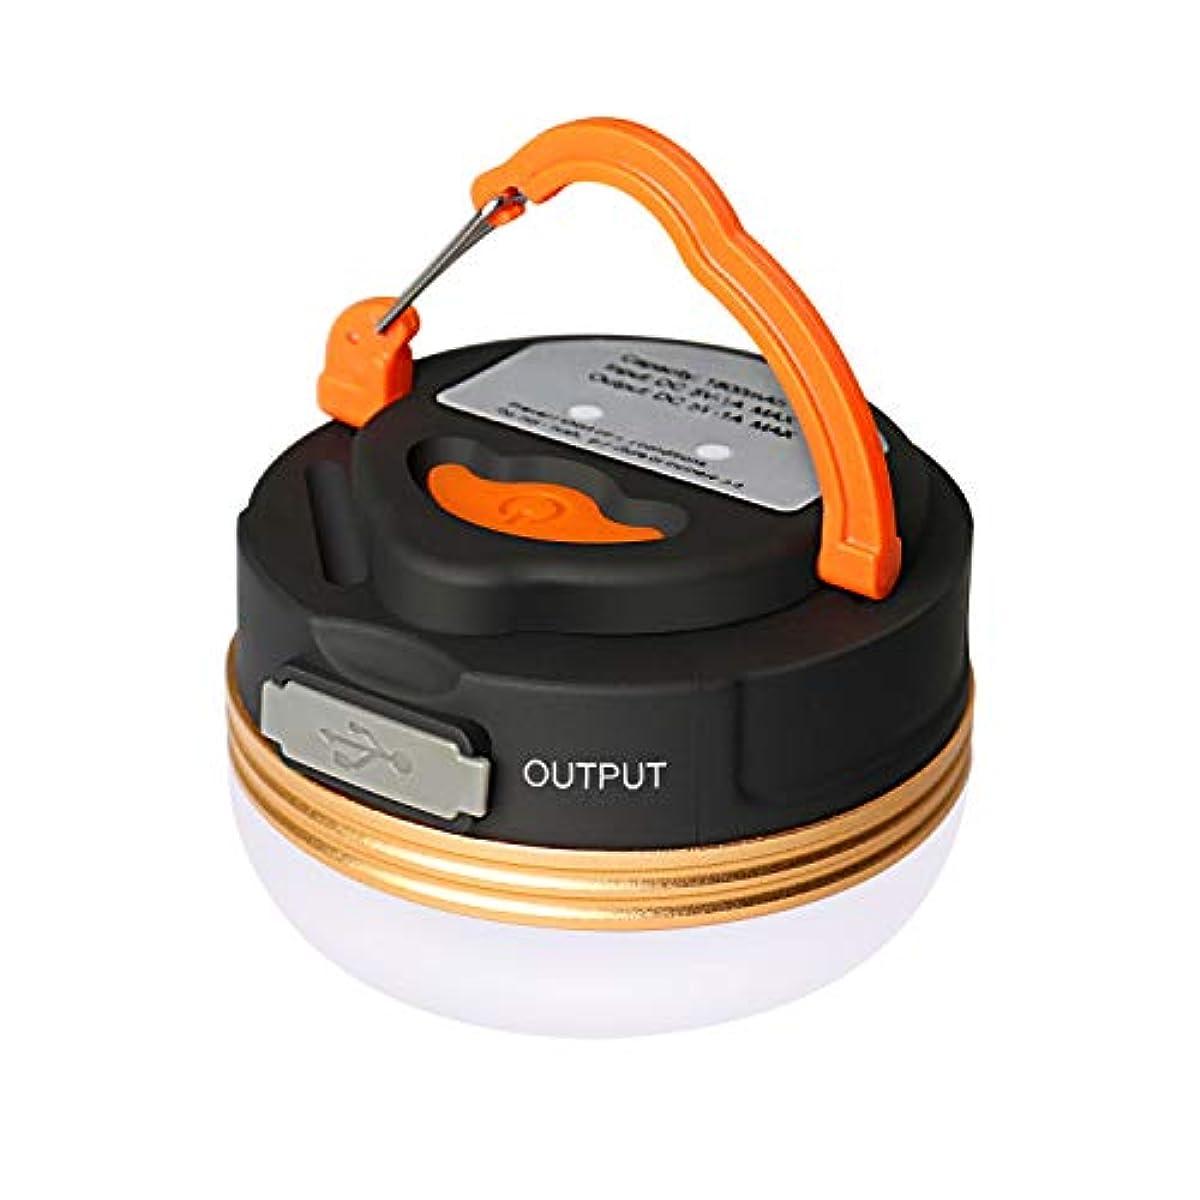 [해외] ODI LED랜턴 캠프 랜턴 USB충전식 고휘도 모바일 배터리 방재 상품 정전 대책 IP65방수 방진 3개 점등 모드 플래쉬 모드 마그넷식 아웃도어 하이킹 텐트 밤낚시 등야마야 외작업 등에 도적응